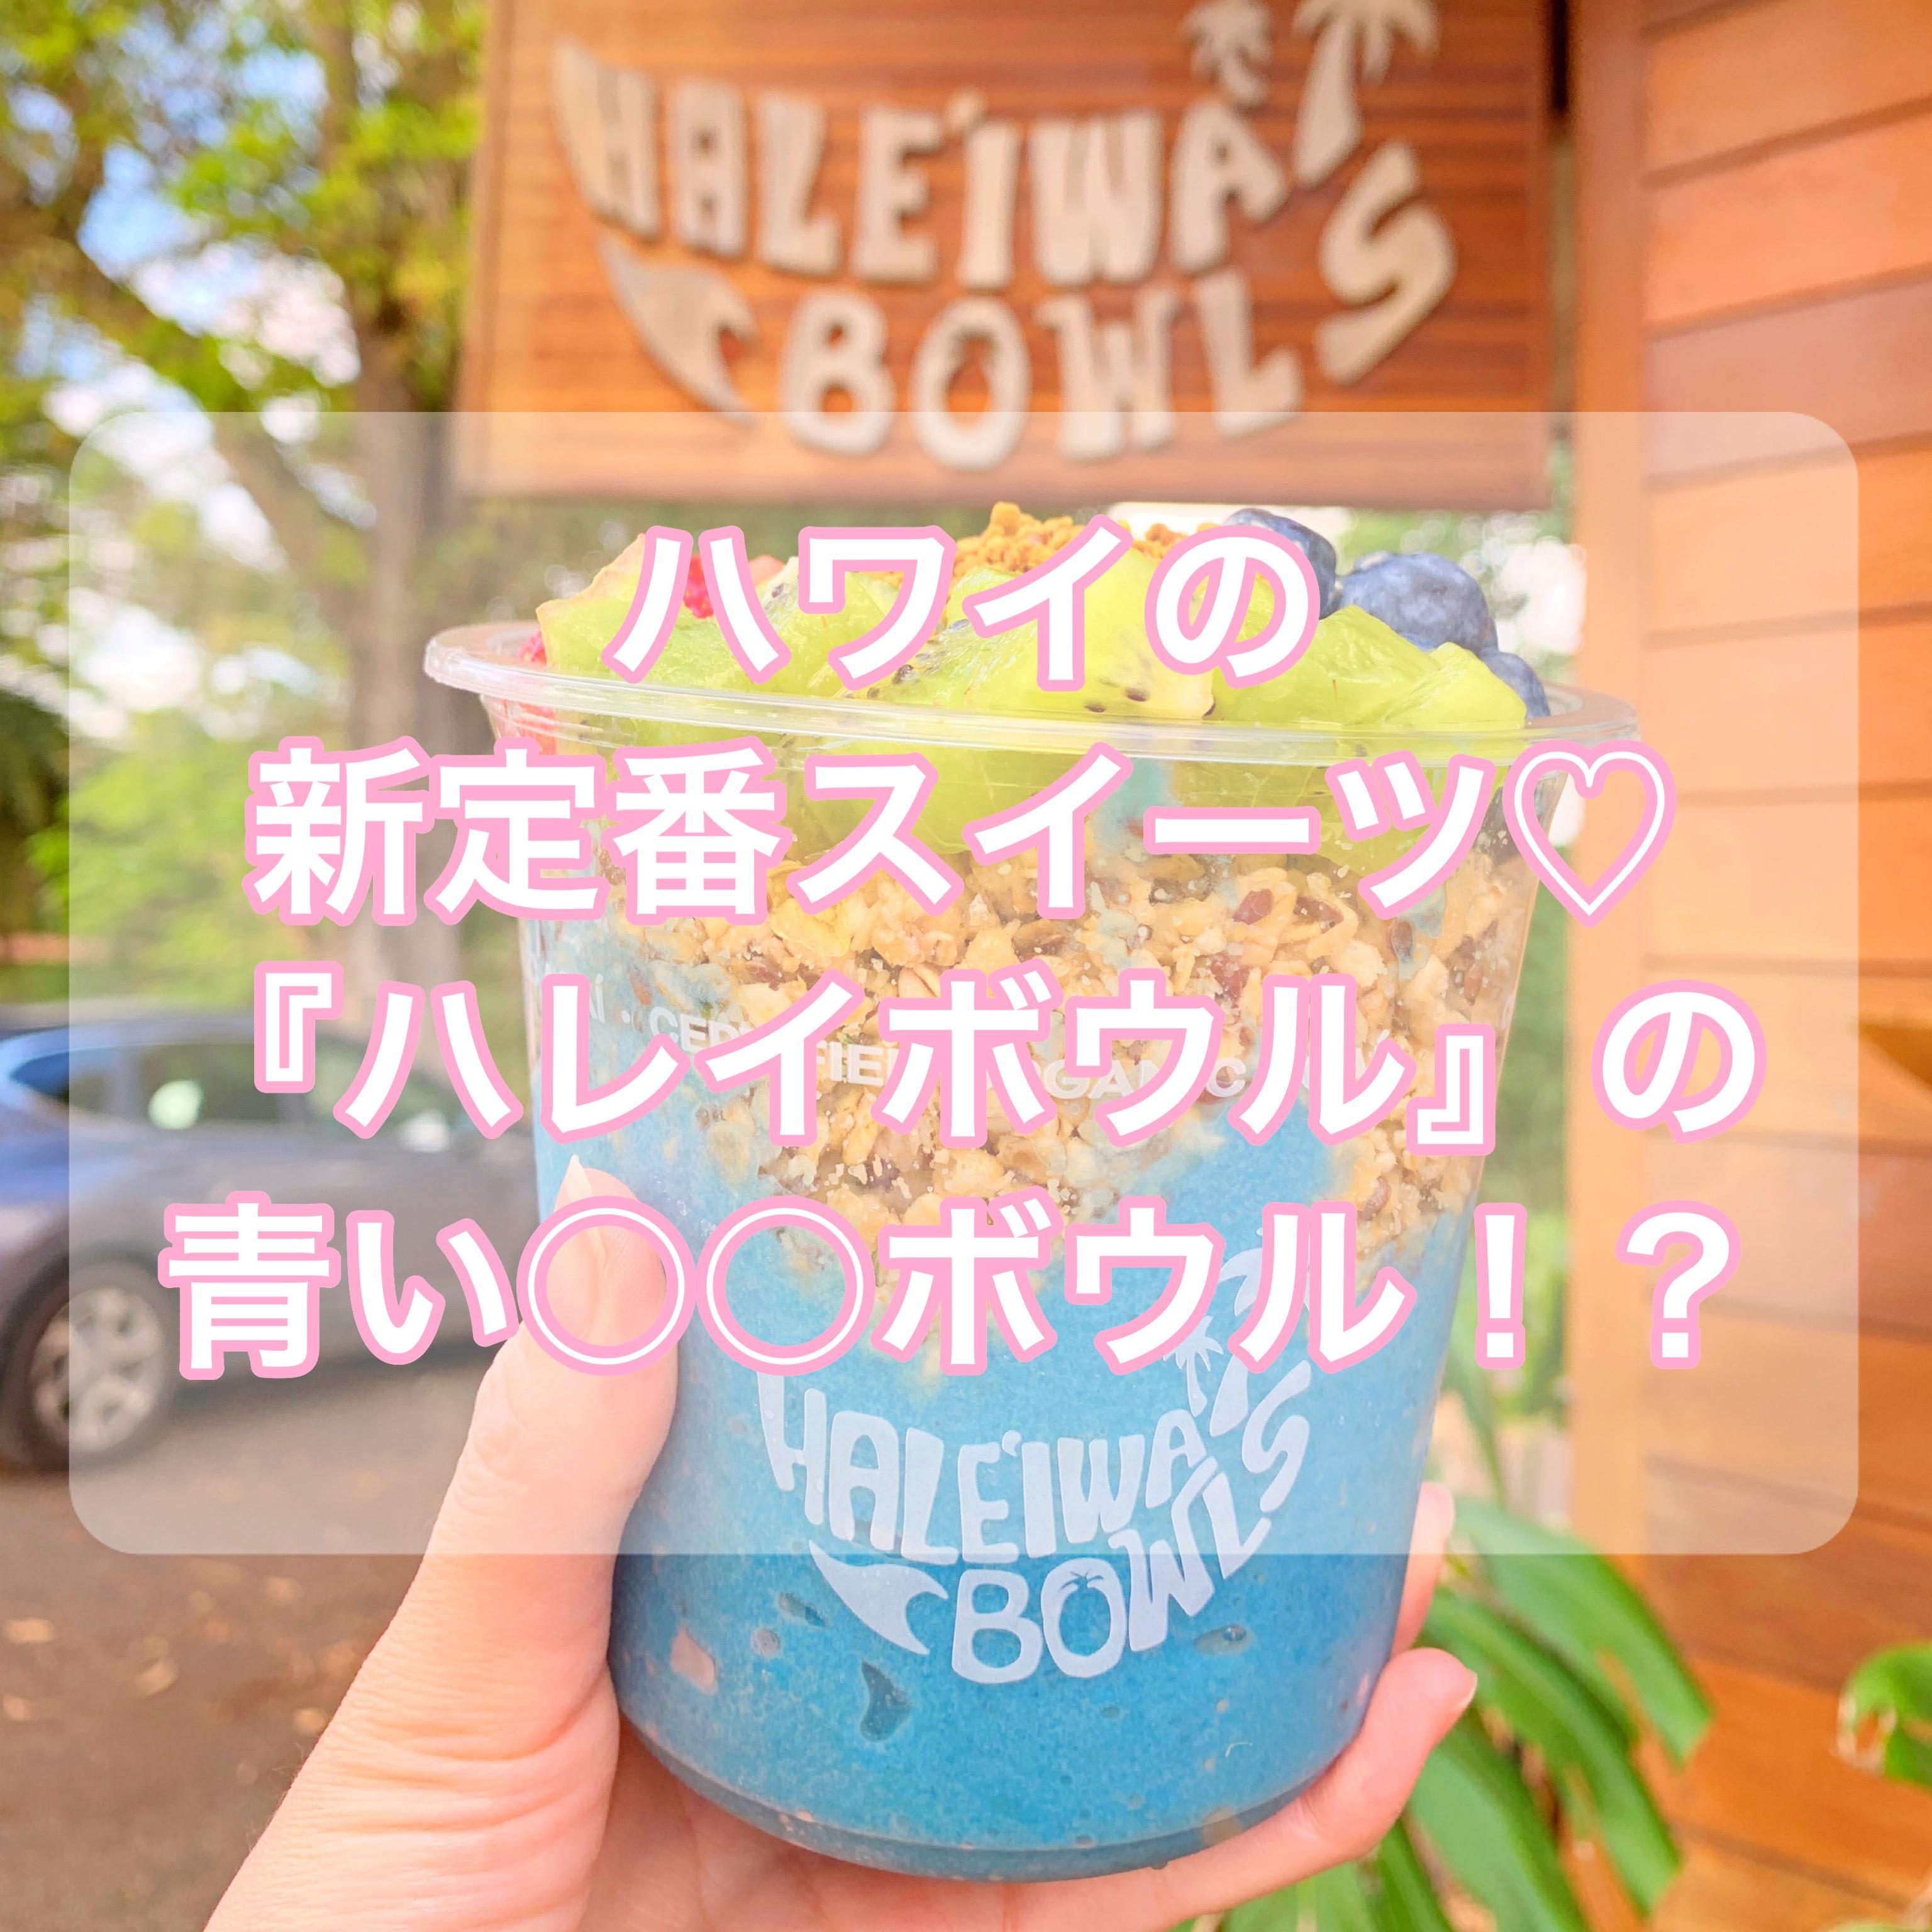 【ハワイスイーツ】「ハレイワ・ボウル」の青い◯◯ボウル【ノースショア】